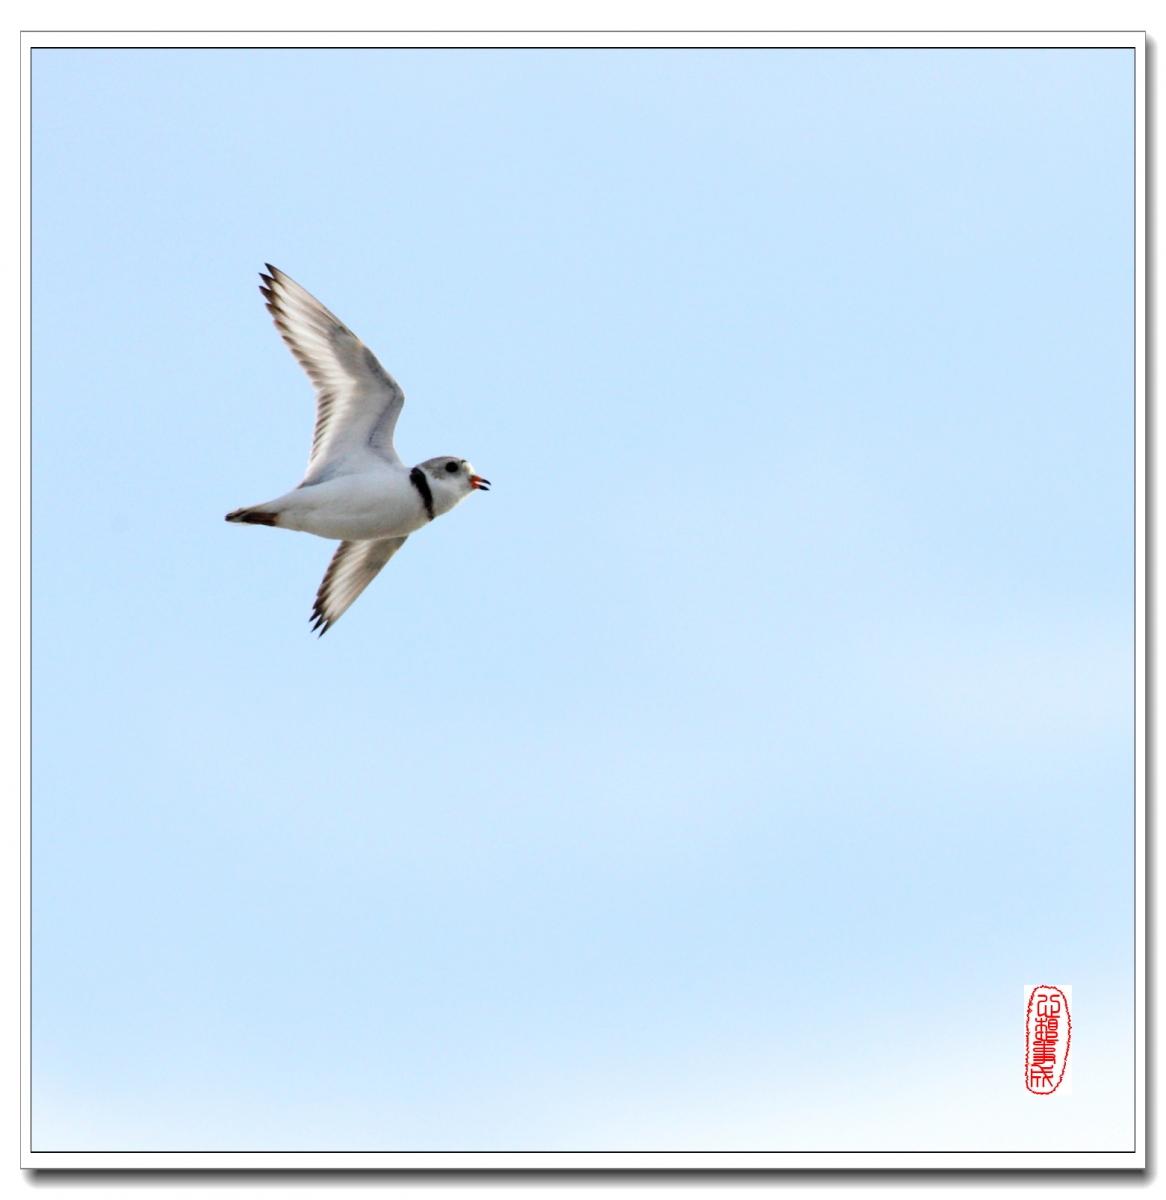 【心想事成】 飞鸟随拍图之二_图1-6